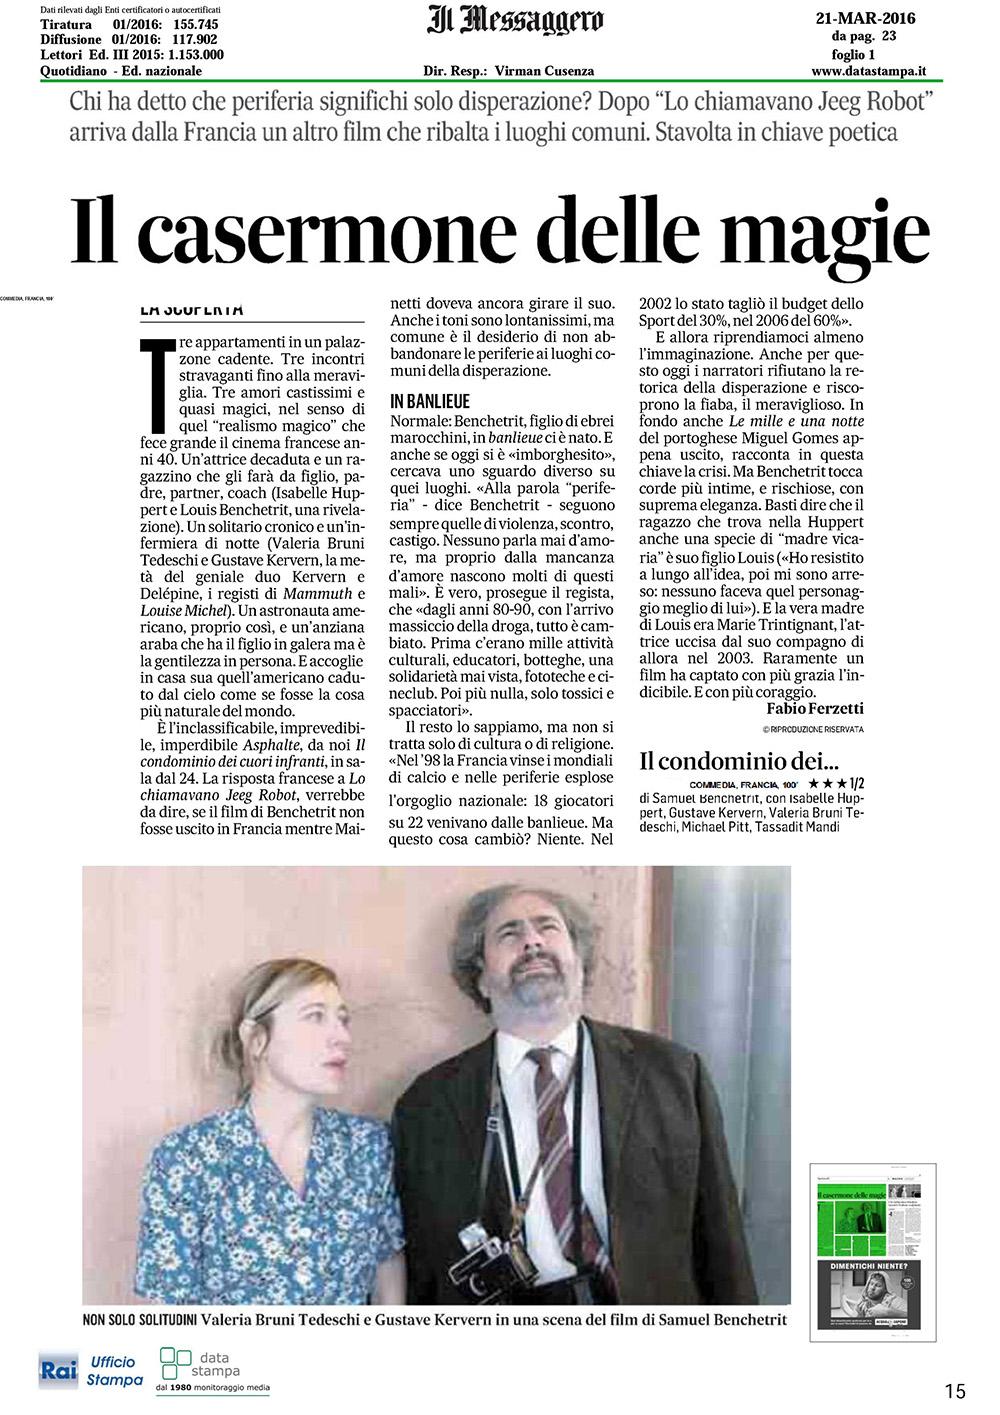 Il Condominio Dei Cuori Infranti Circuito Cinema Torino